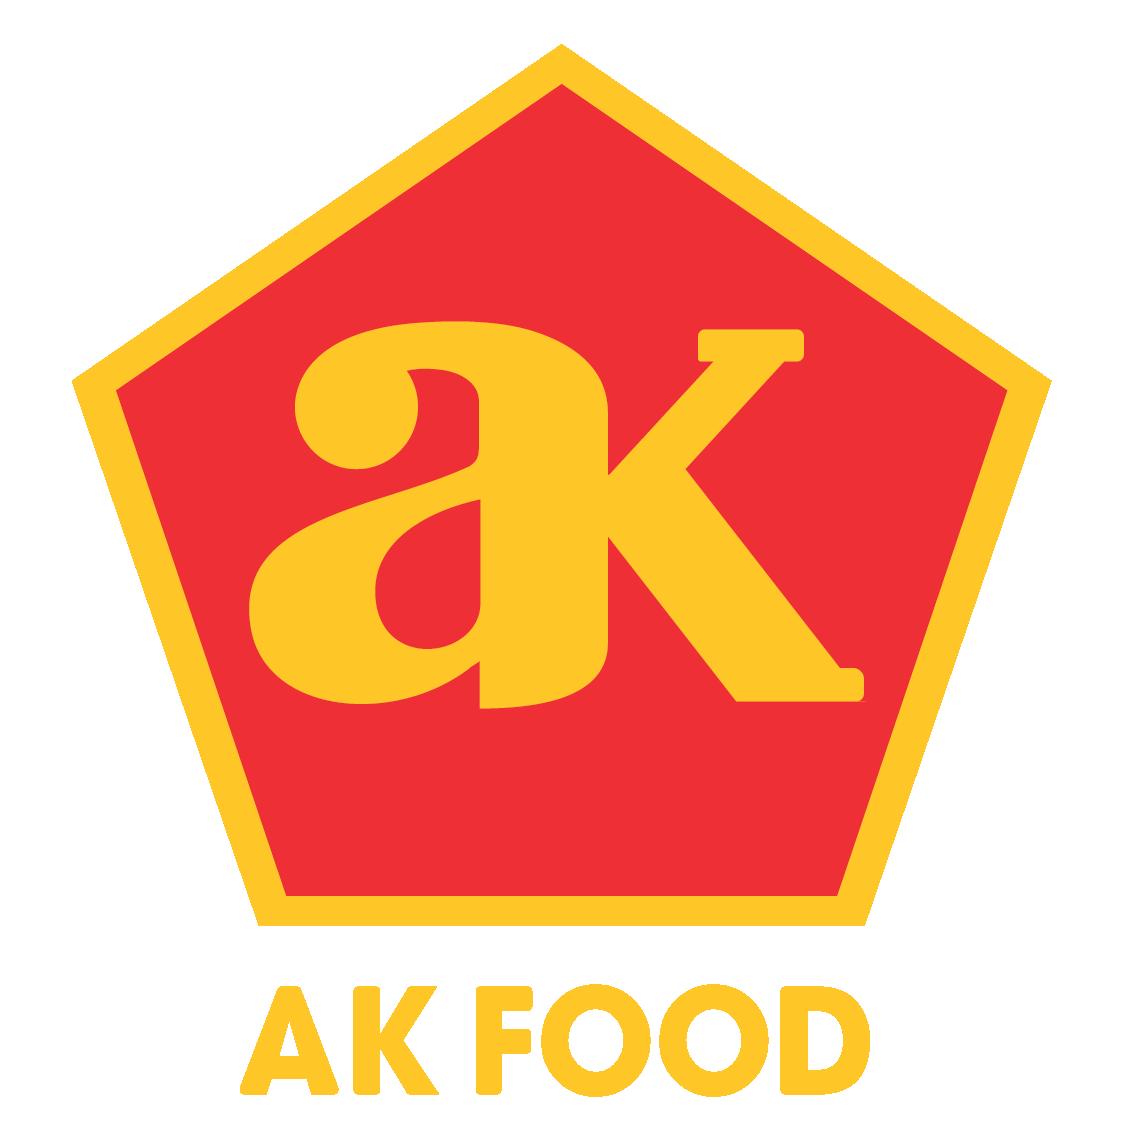 AK FOOD